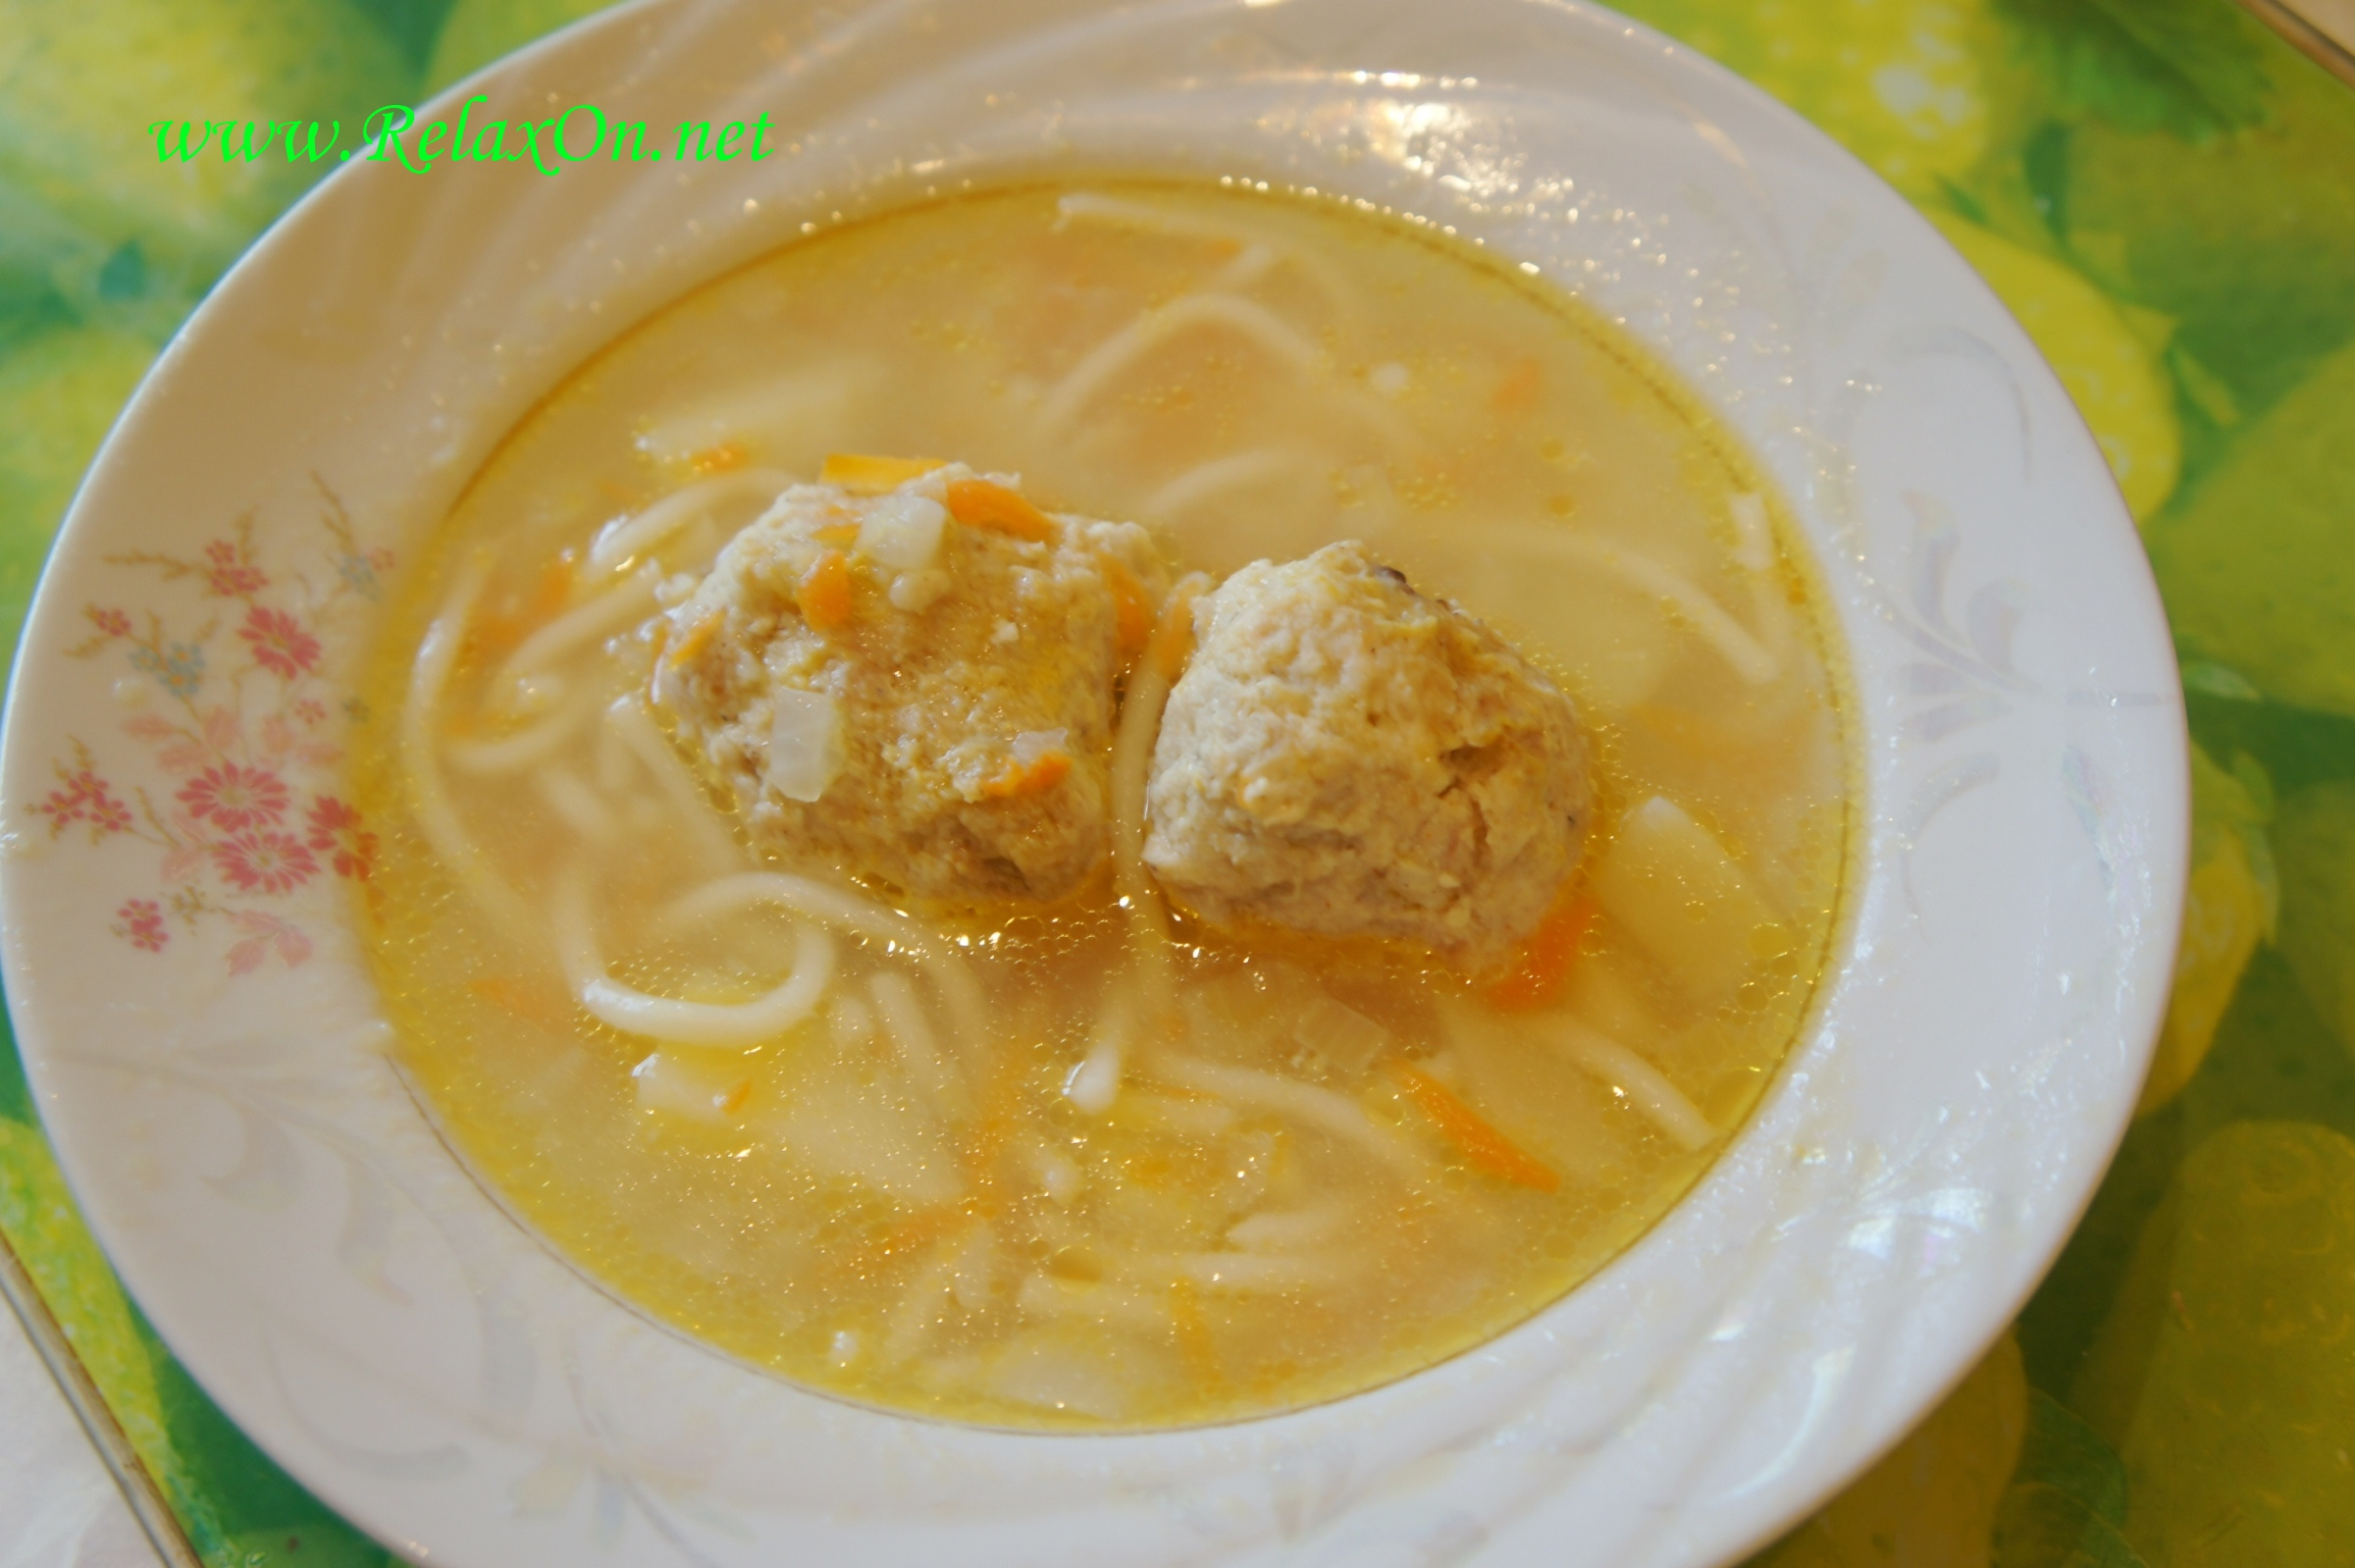 вкусный суп с плавленным сыром рецепт с фото